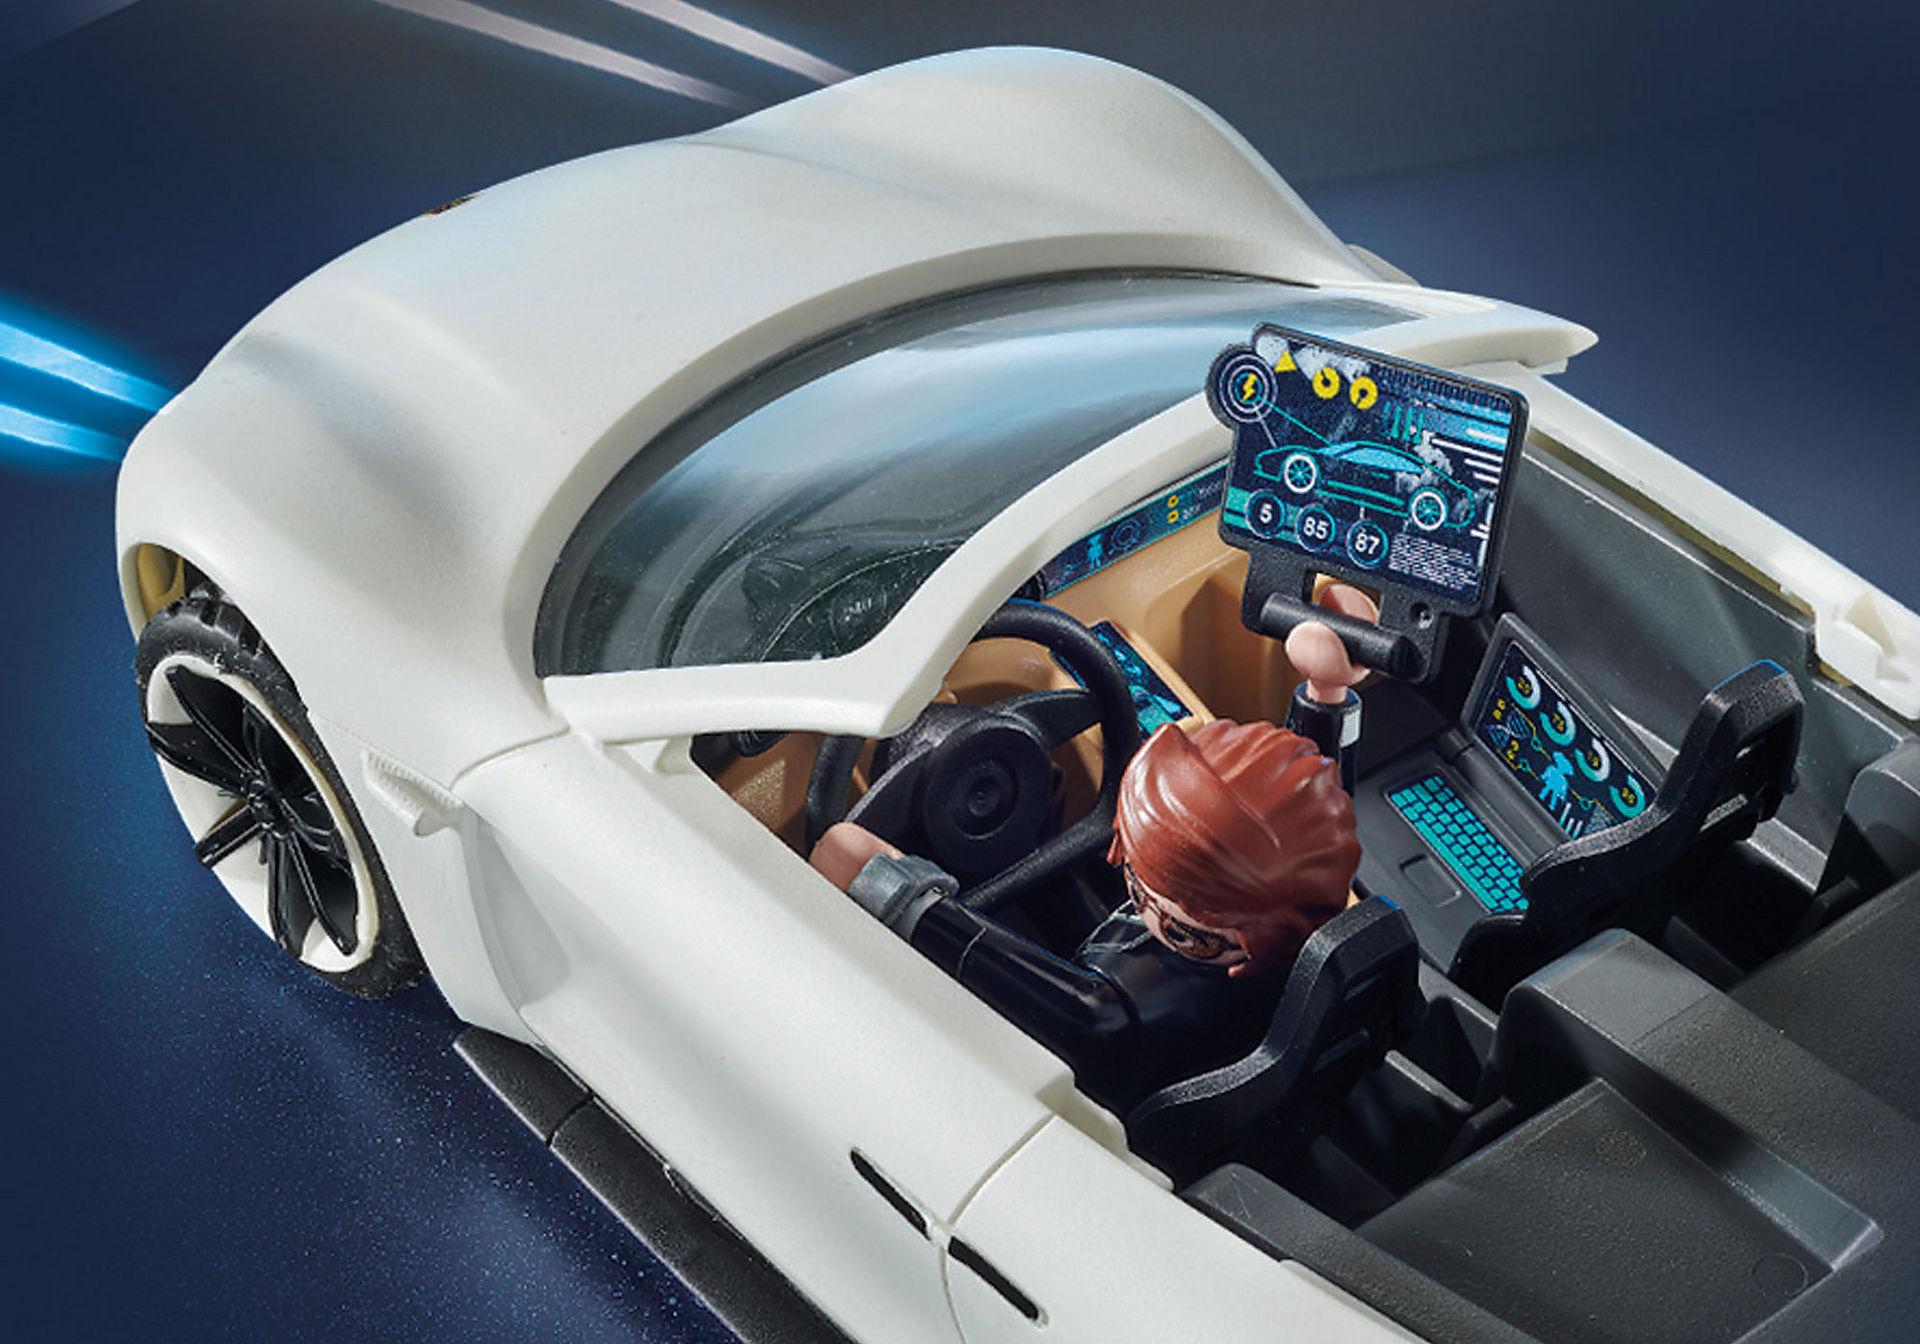 http://media.playmobil.com/i/playmobil/70078_product_extra4/PLAYMOBIL: THE MOVIE Porsche Mission E Rex'a Desher'a